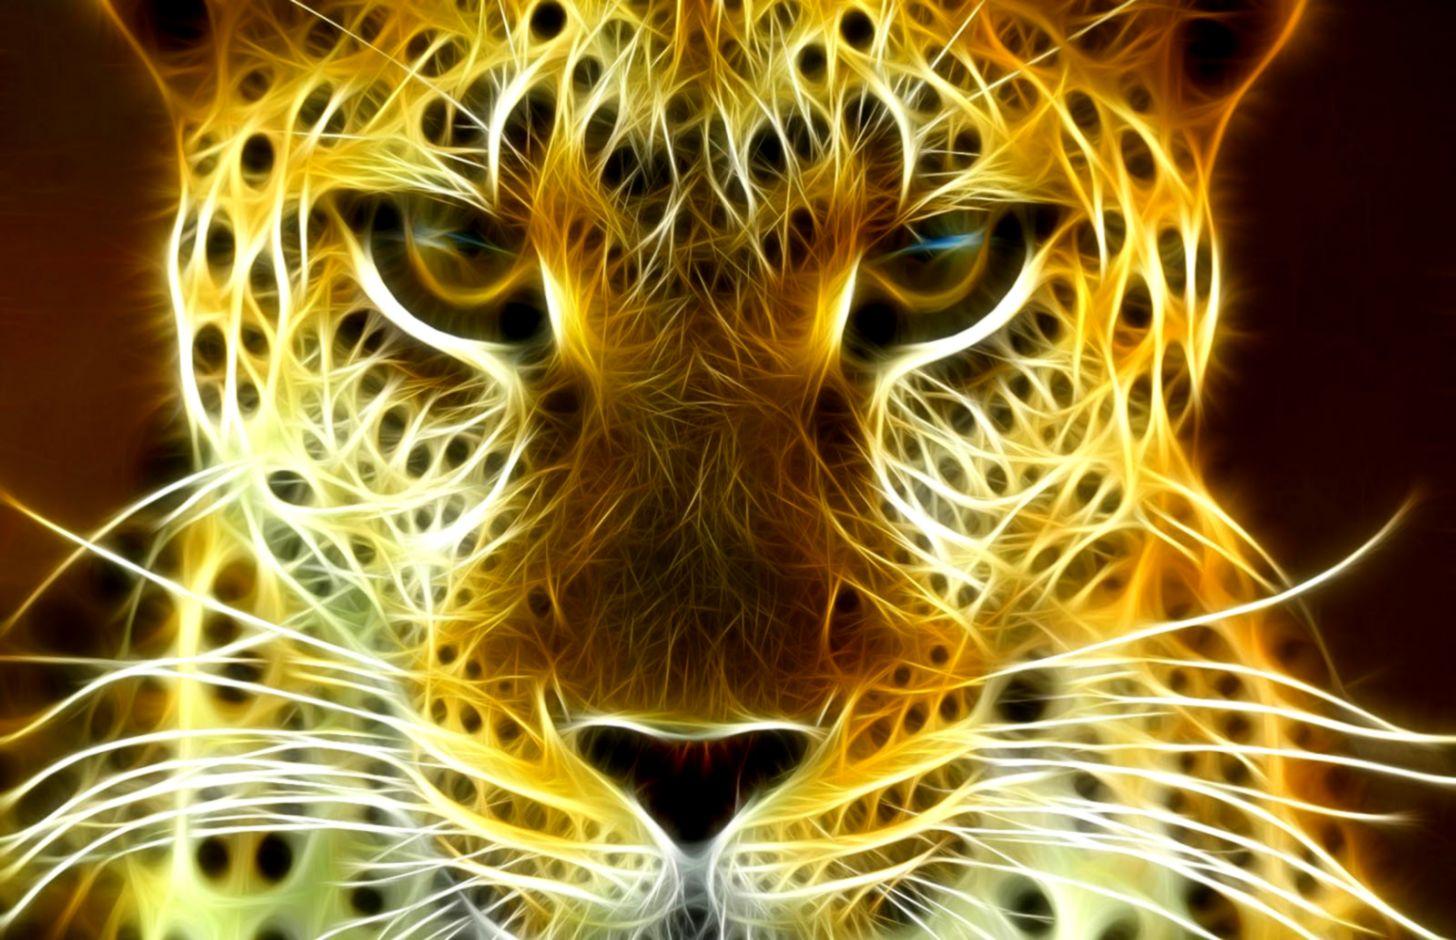 Golden Tiger Hd Wallpaper Wallpaper Background Hd